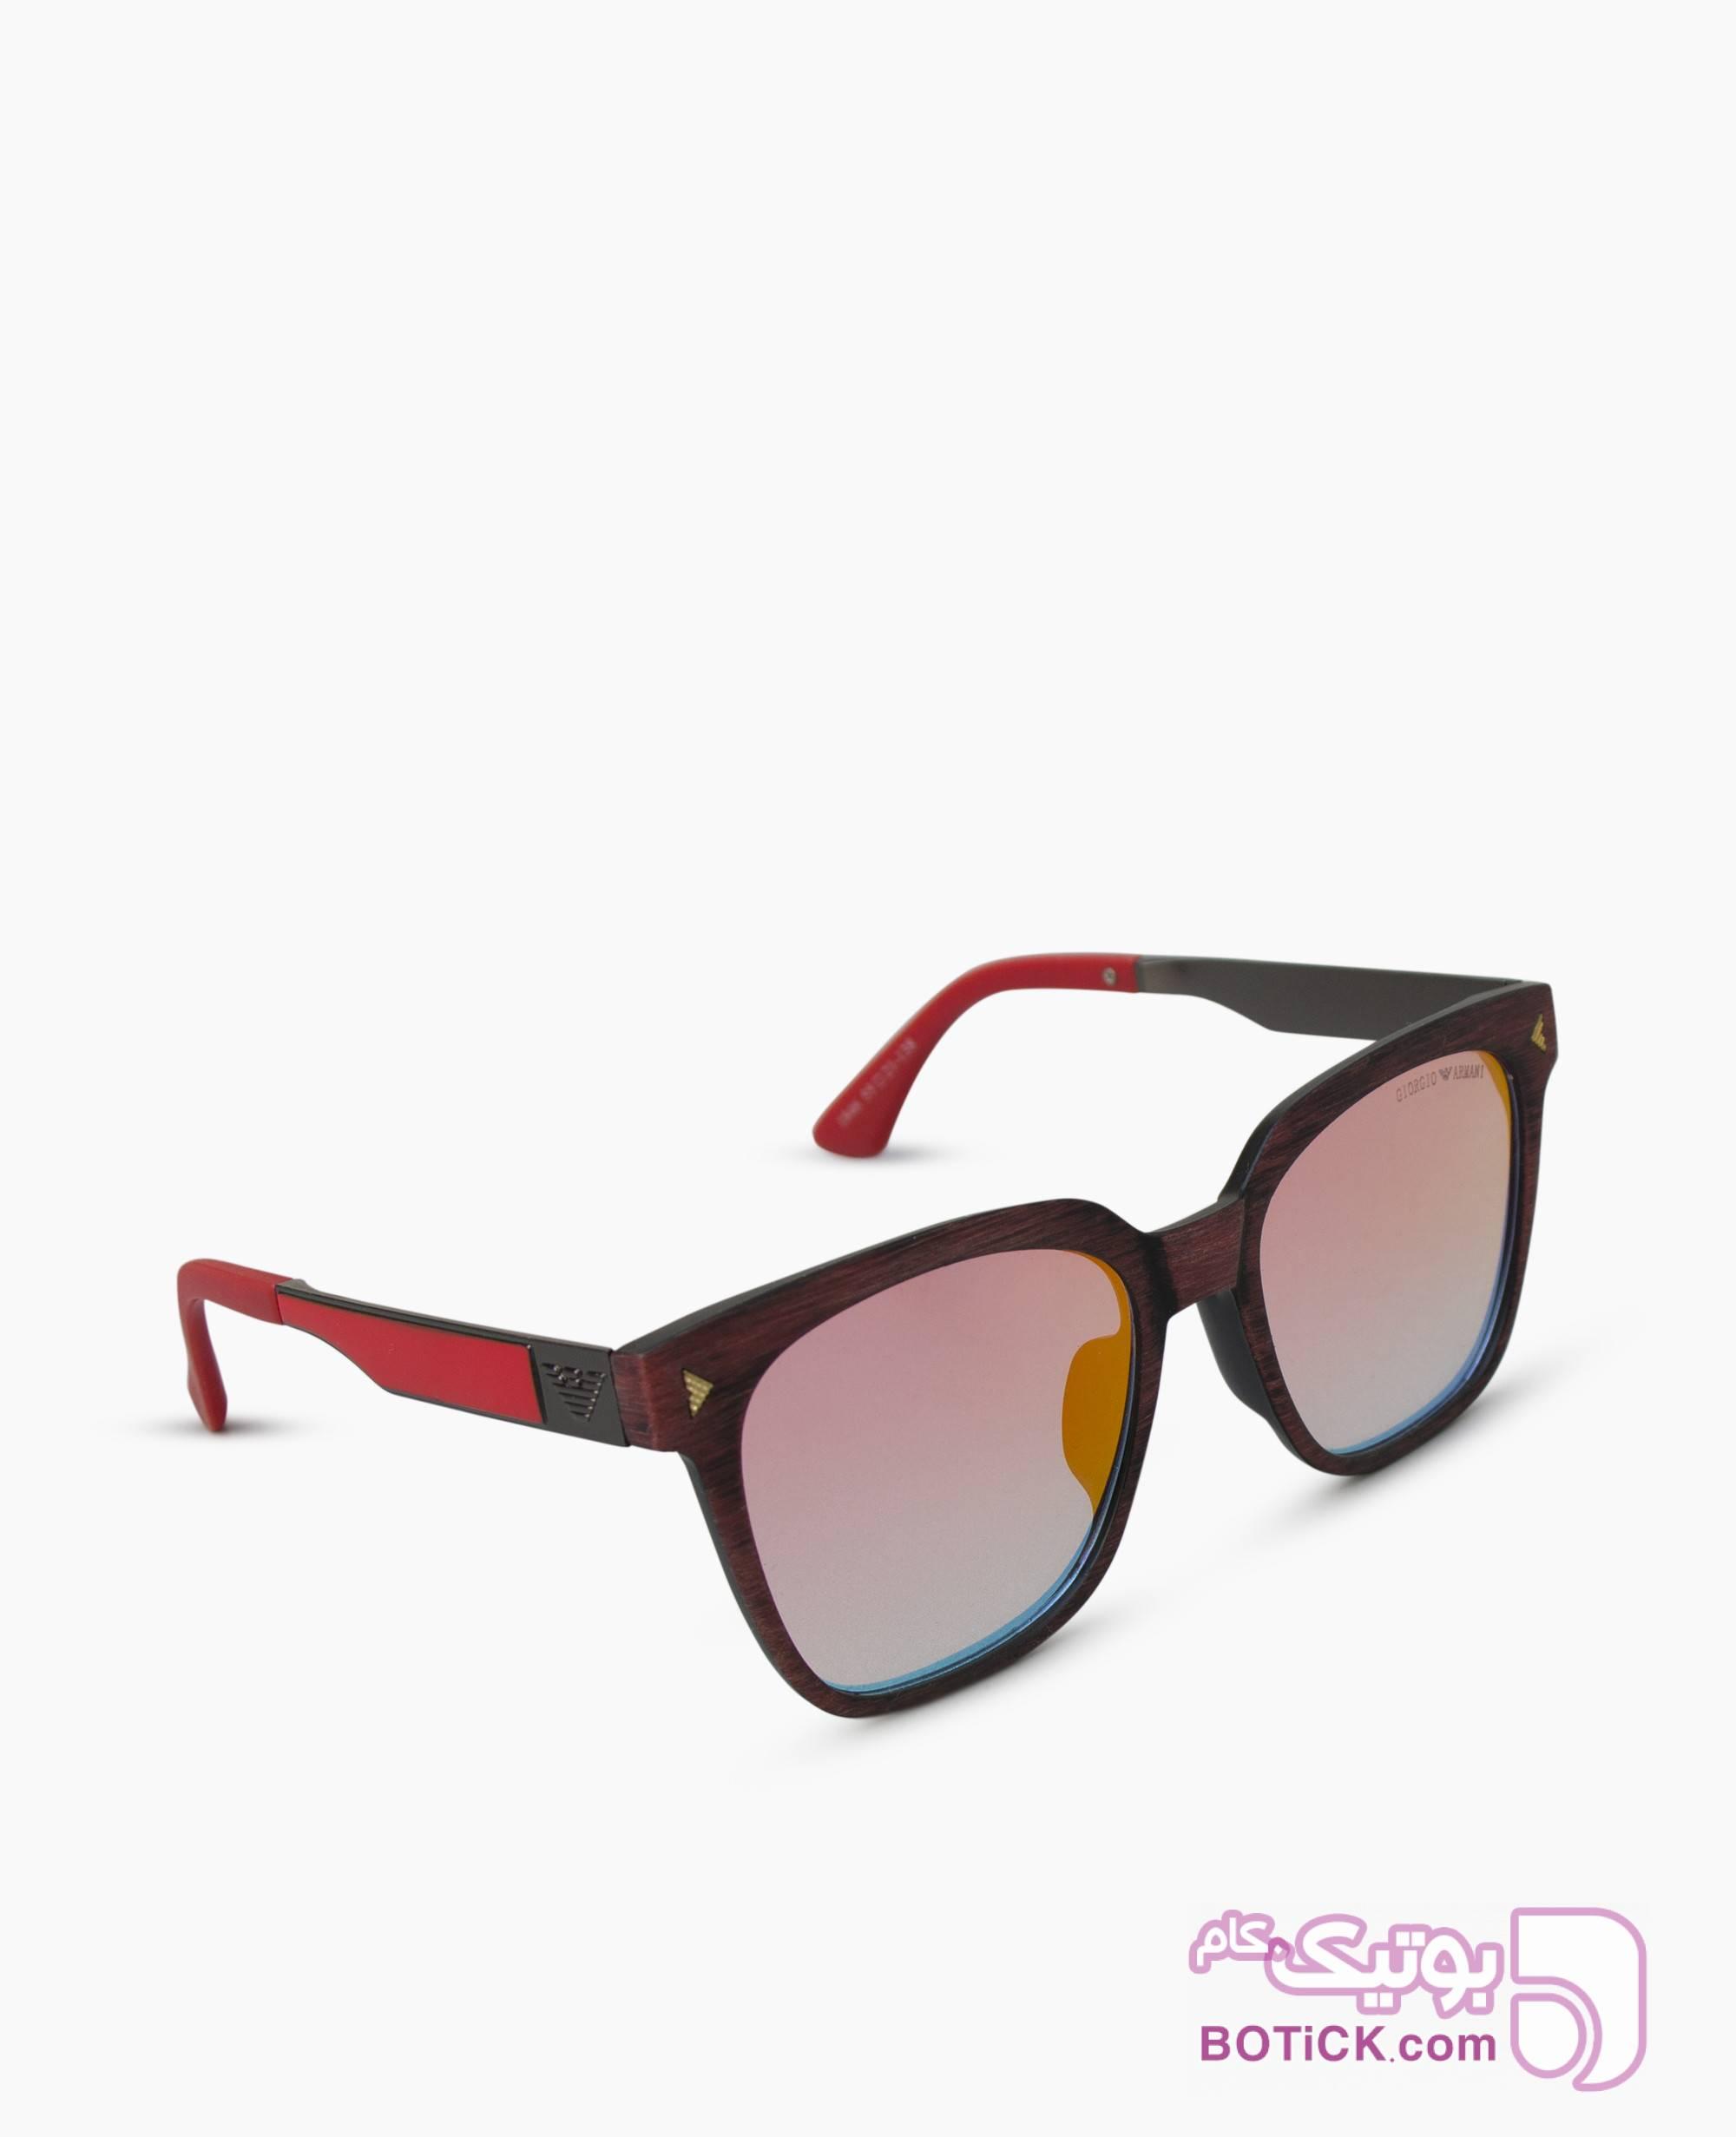 عینک آفتابی جیوه ای ARMANI کد J1846 صورتی عینک آفتابی